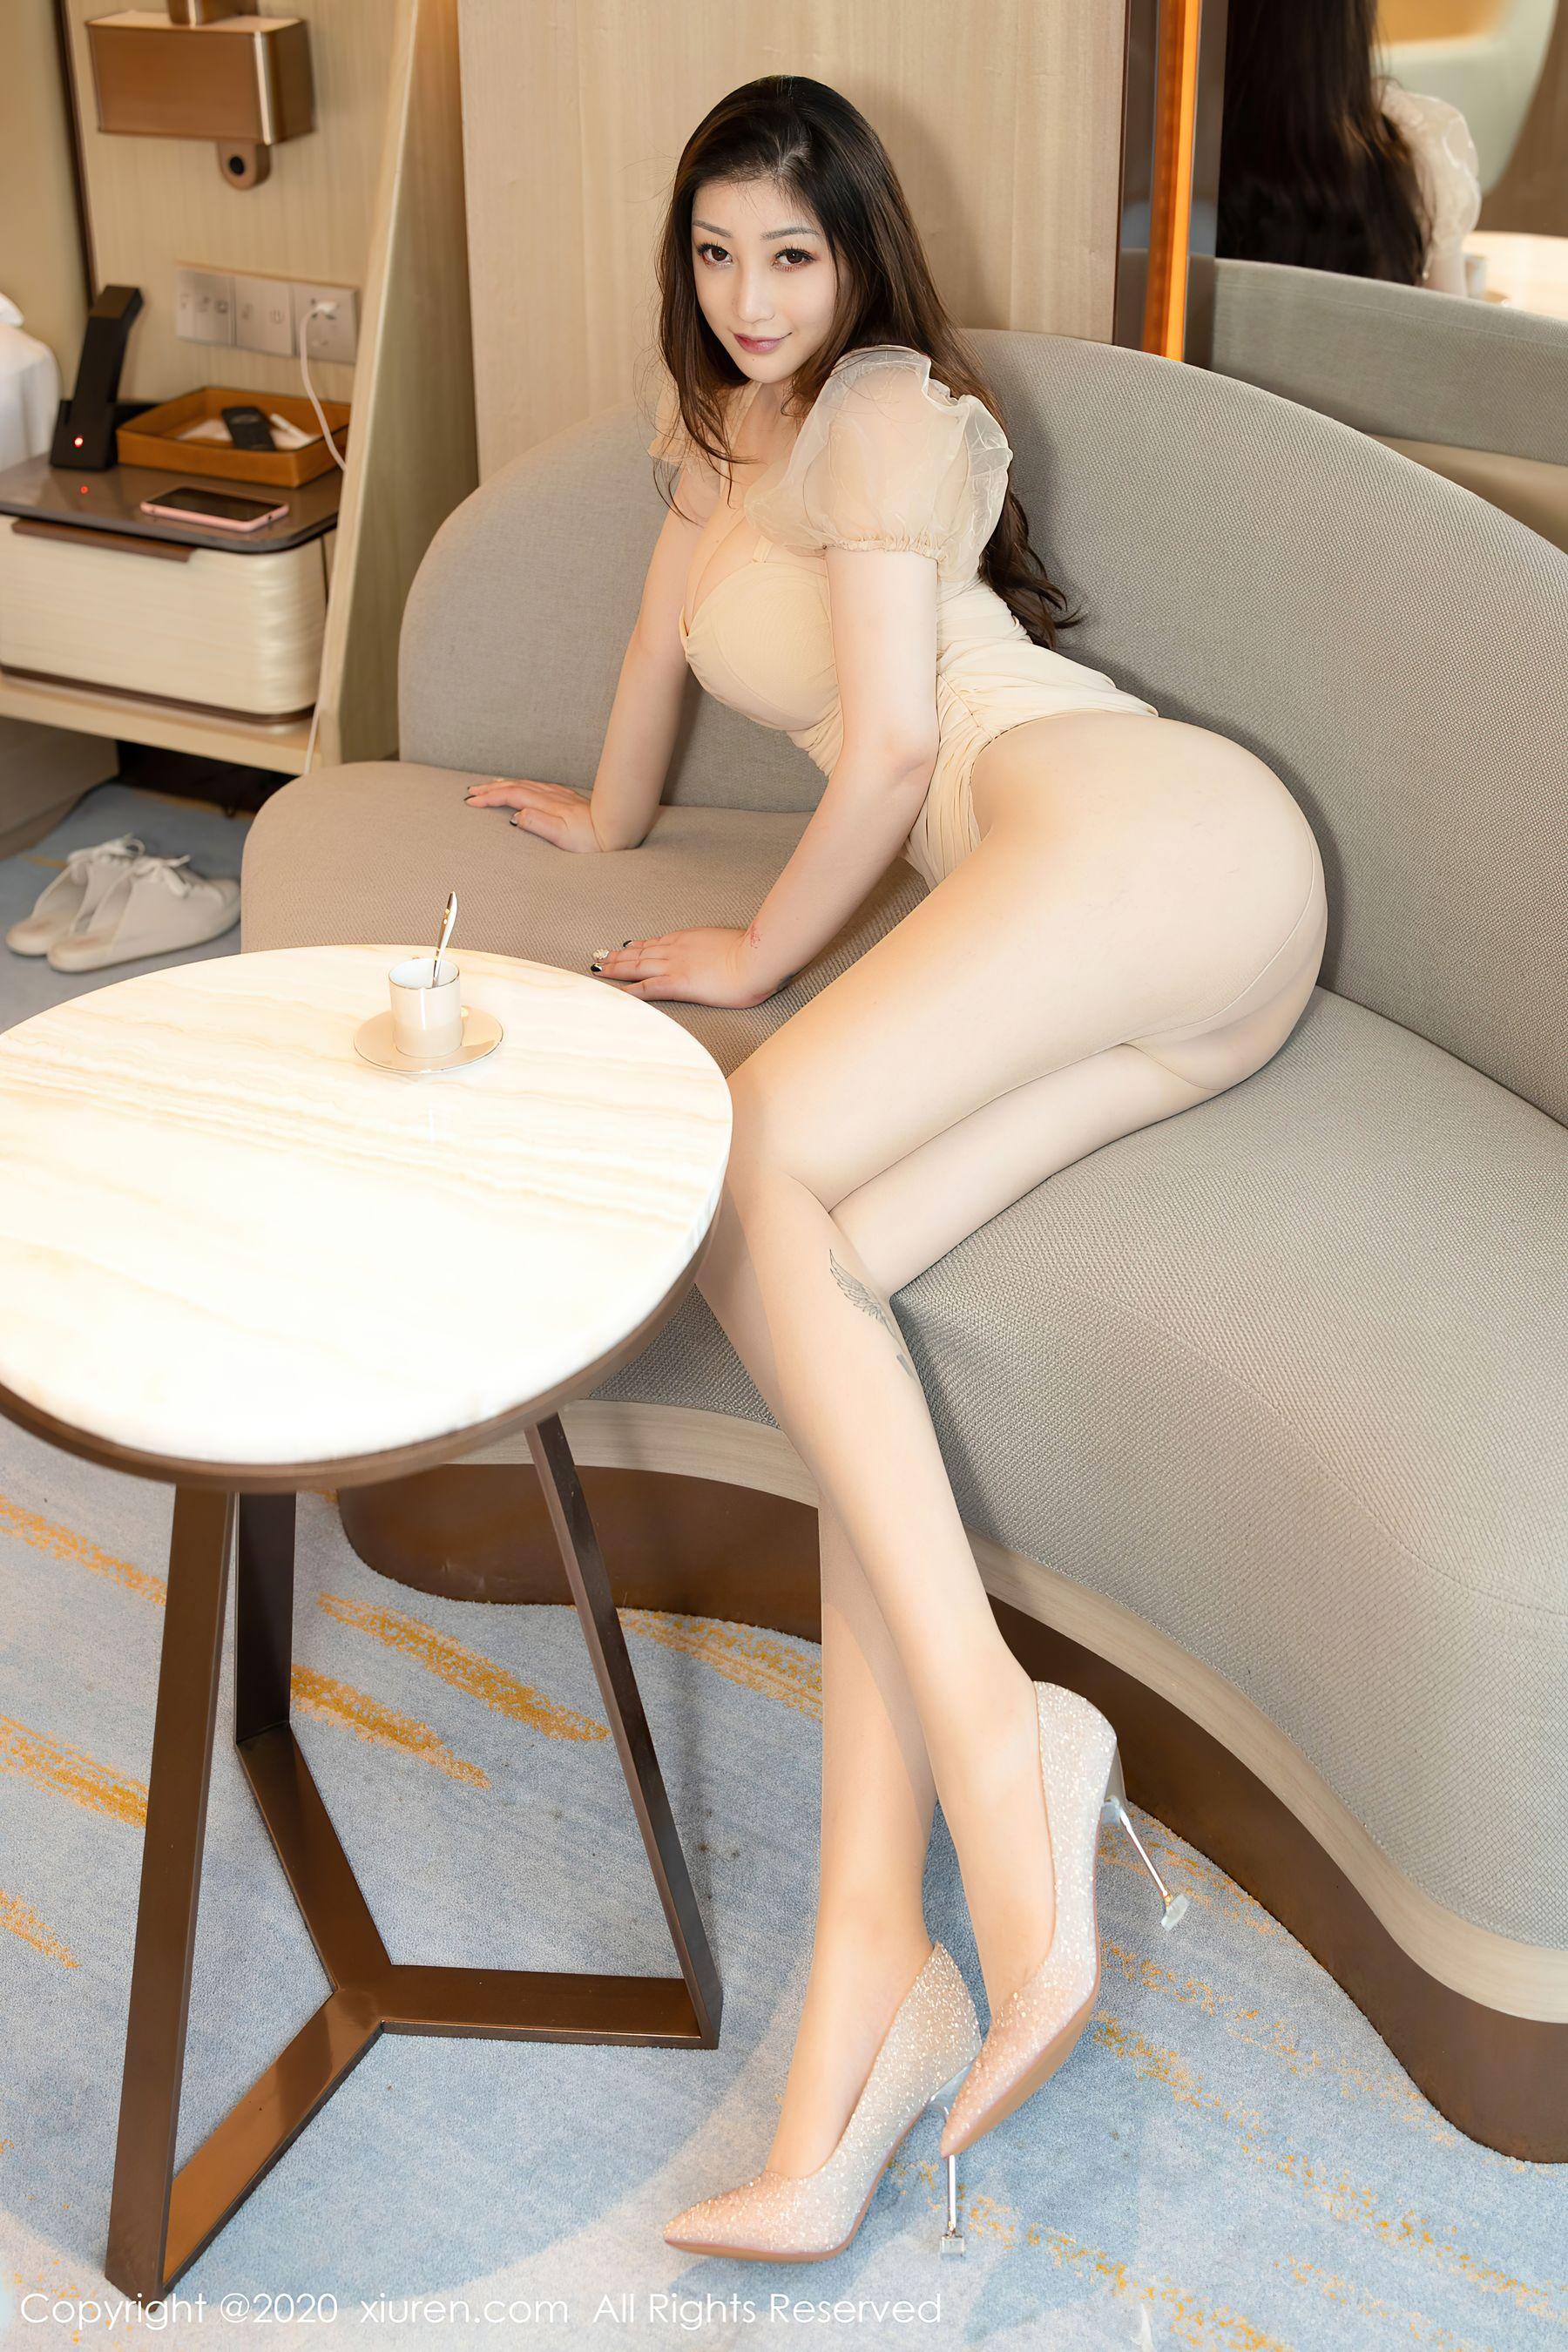 [秀人网]妲己_Toxic(柠檬c_lemon,妲己)No.2731超高清写真大图片(50P) 425热度